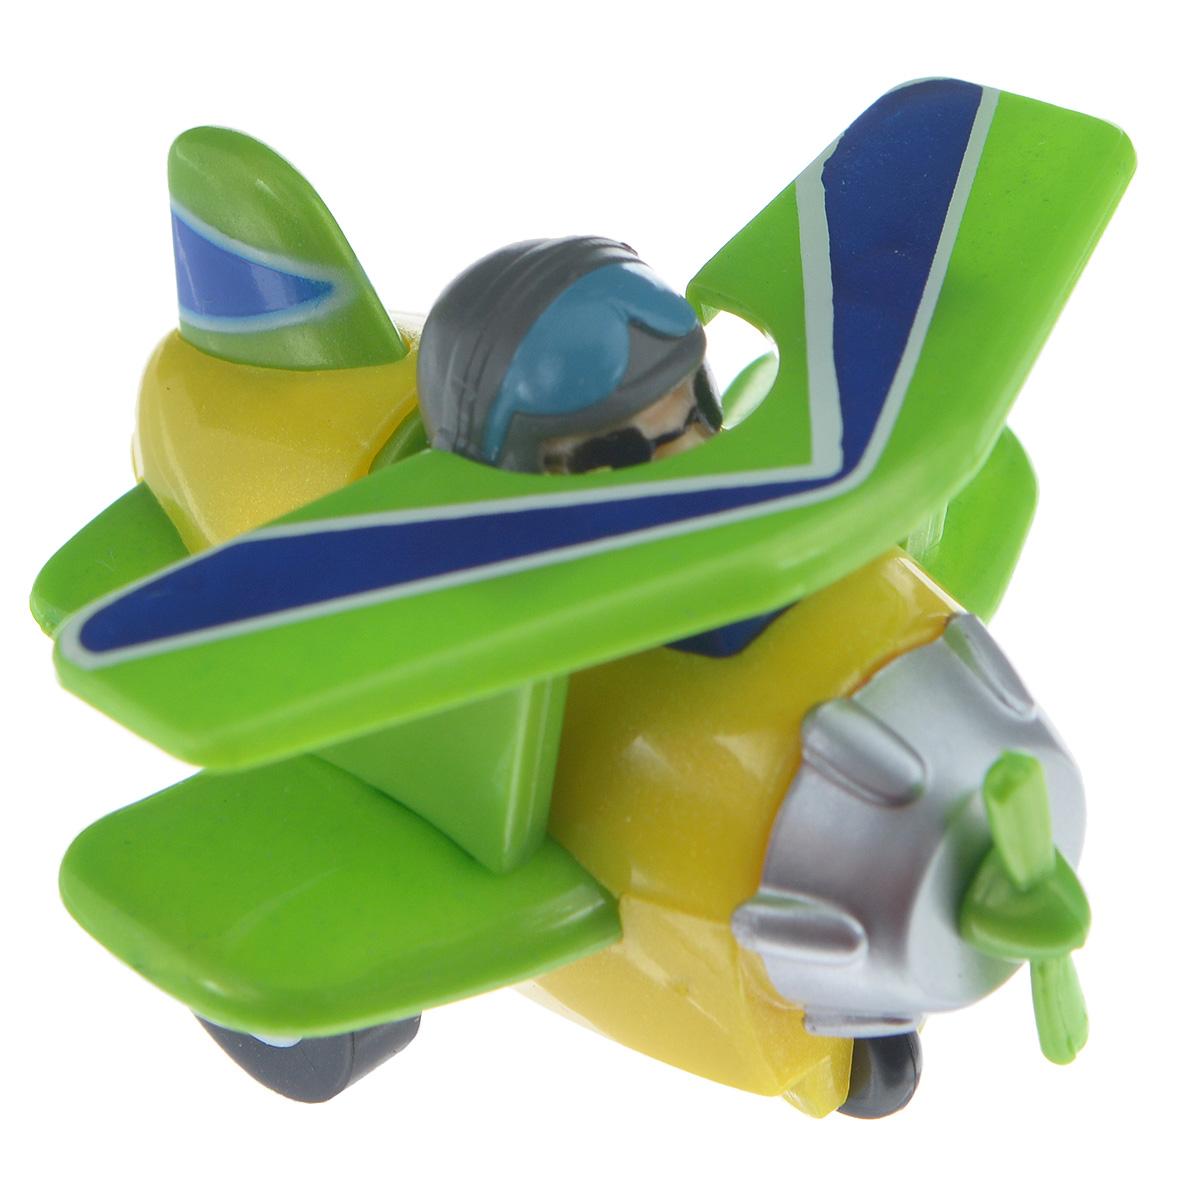 Hans Самолет инерционный цвет желтый зеленый